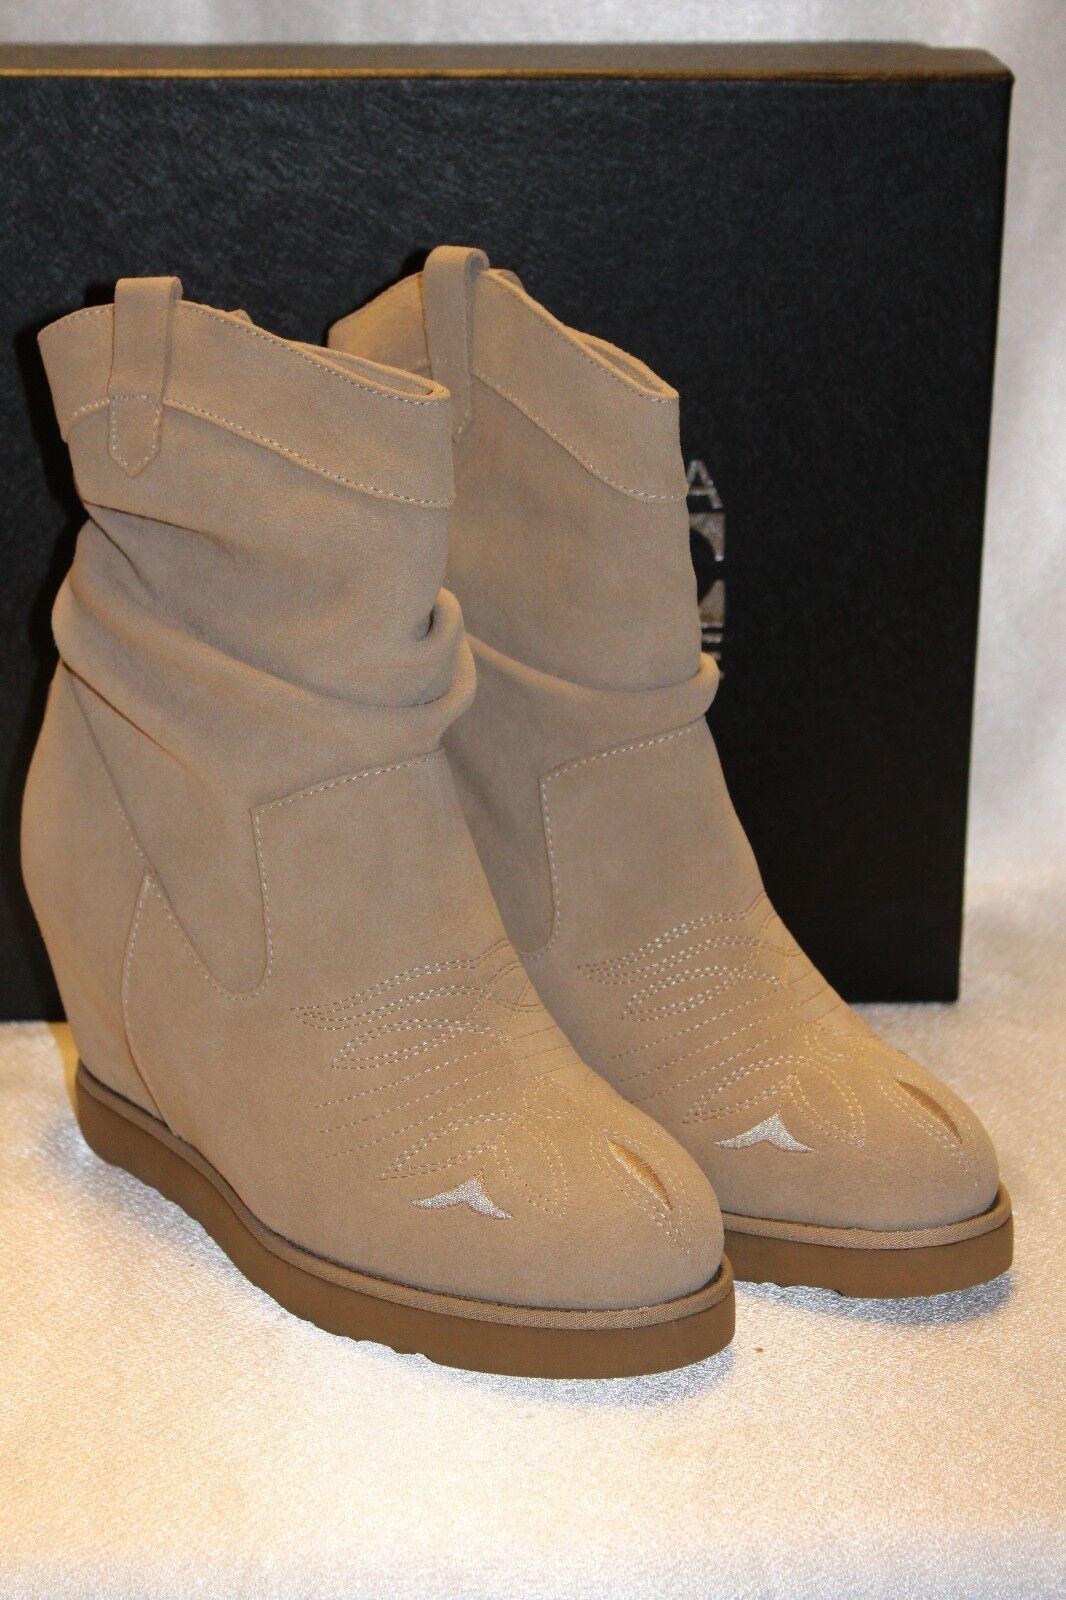 Nuevo Australia Luxe ante Color Color Color arena Shearling botas Vaqueras Cuña occidental 8 9 10  275  alta calidad